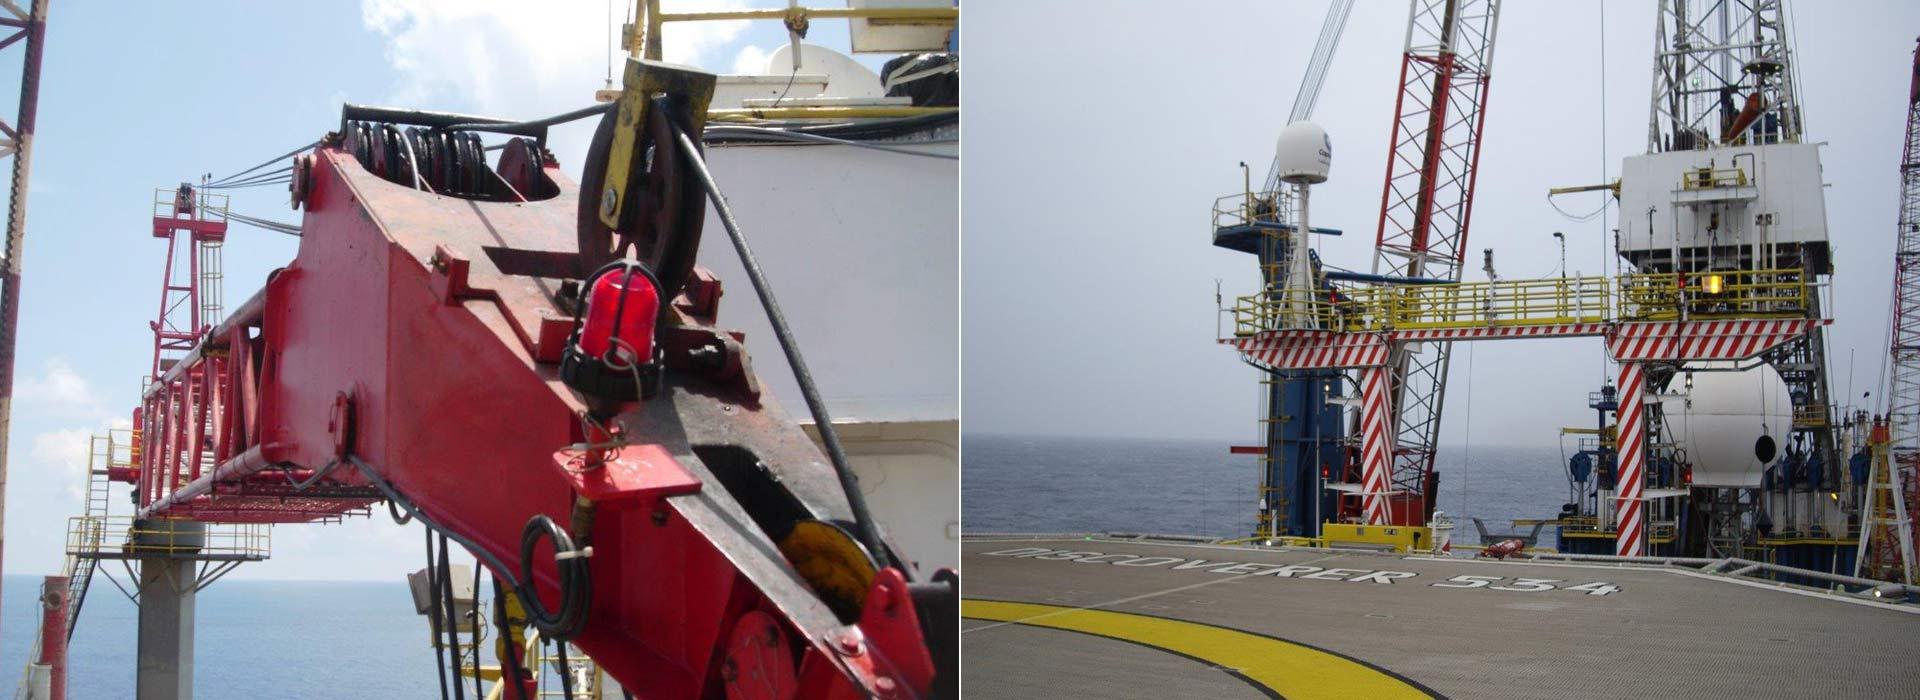 industrial licencing solutions off shore rig in sea